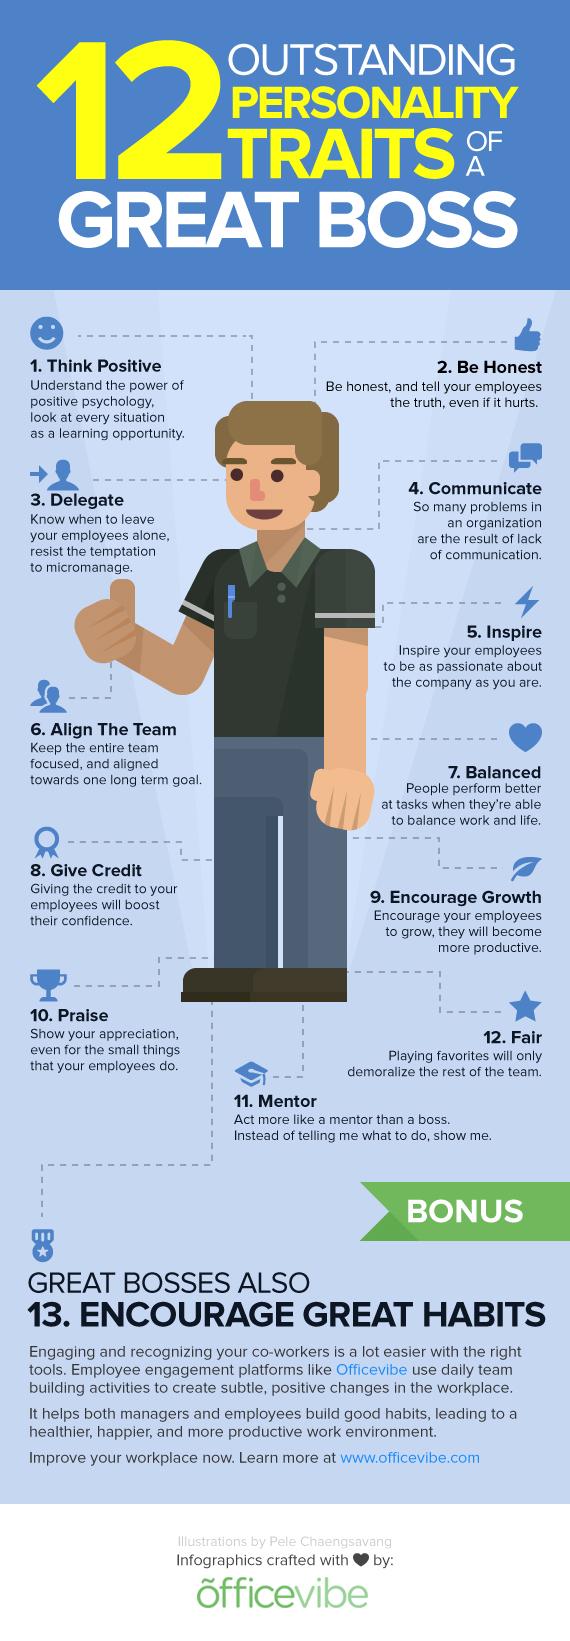 Las 12 características más destacadas del buenlíder.